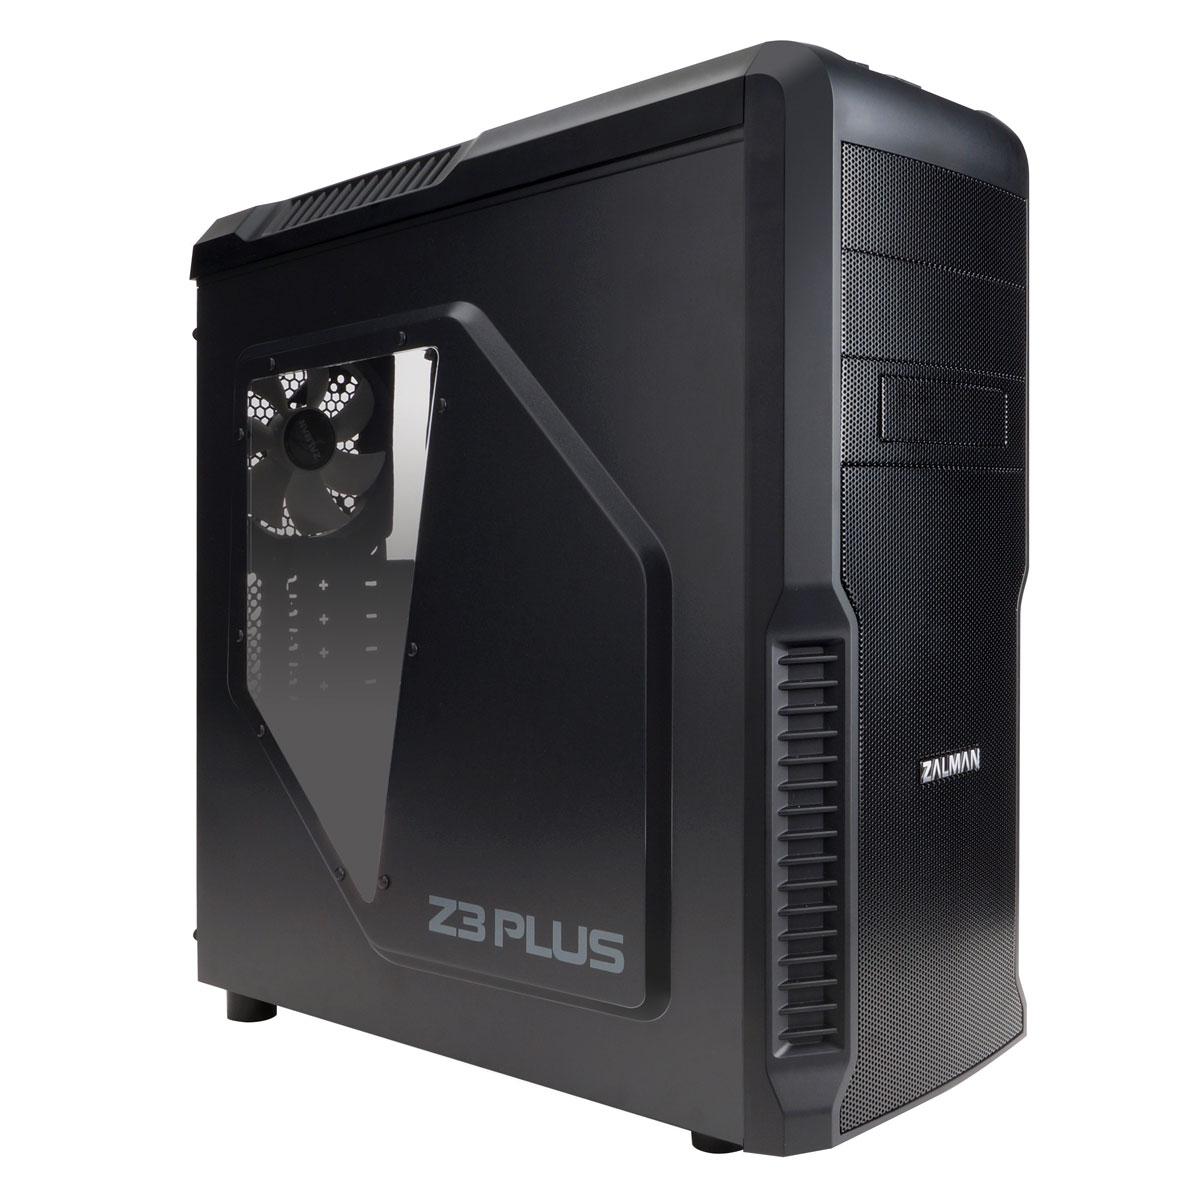 Zalman Z3 Plus Noir Noir - Boîtier PC Zalman - Cybertek.fr - 3